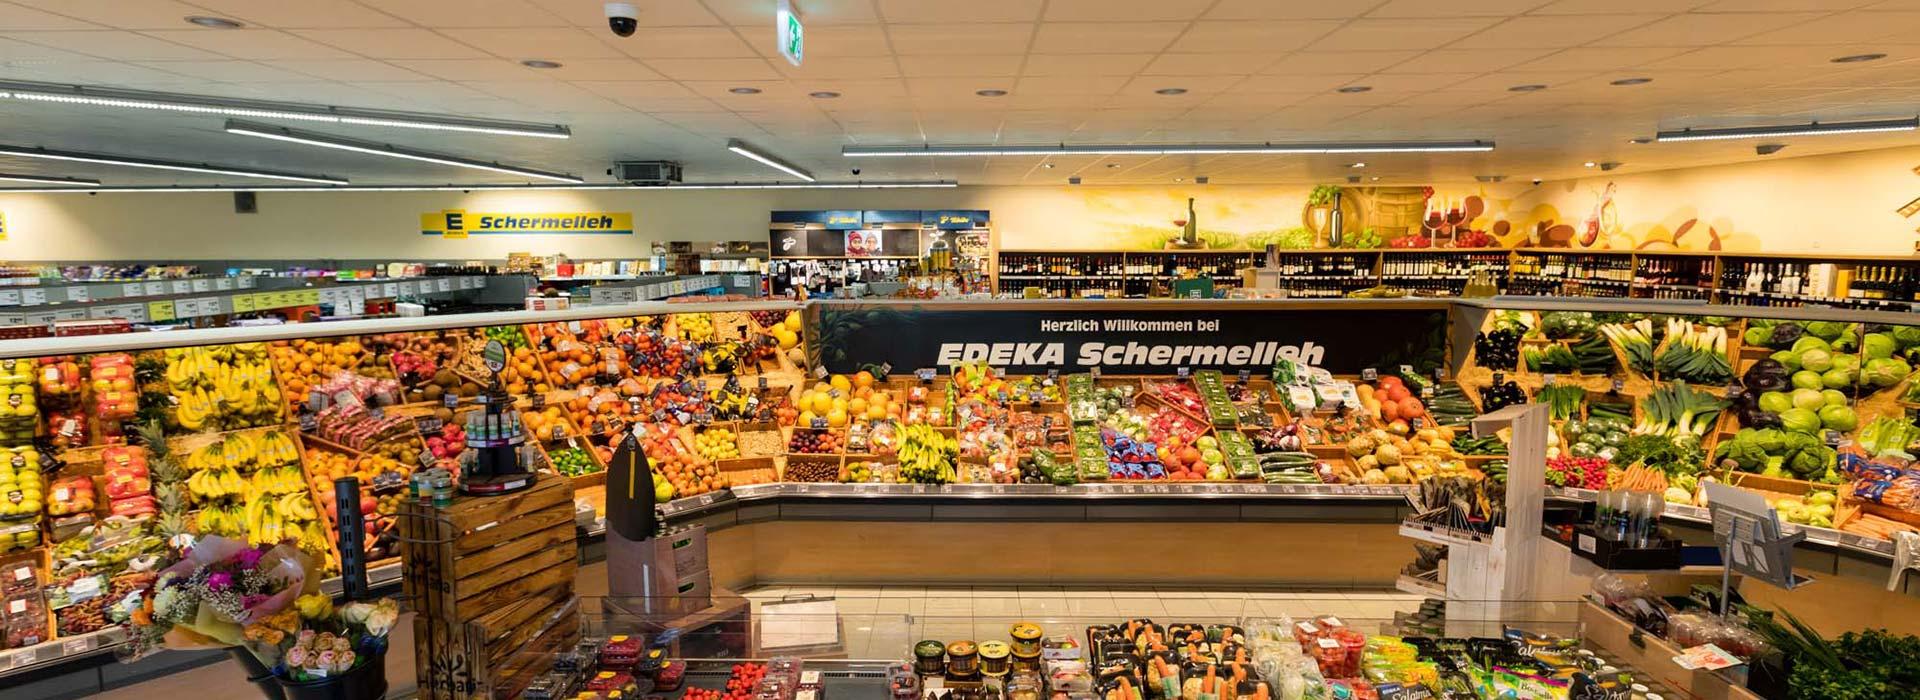 Obst und Gemüse bei EDEKA in Bergkirchen